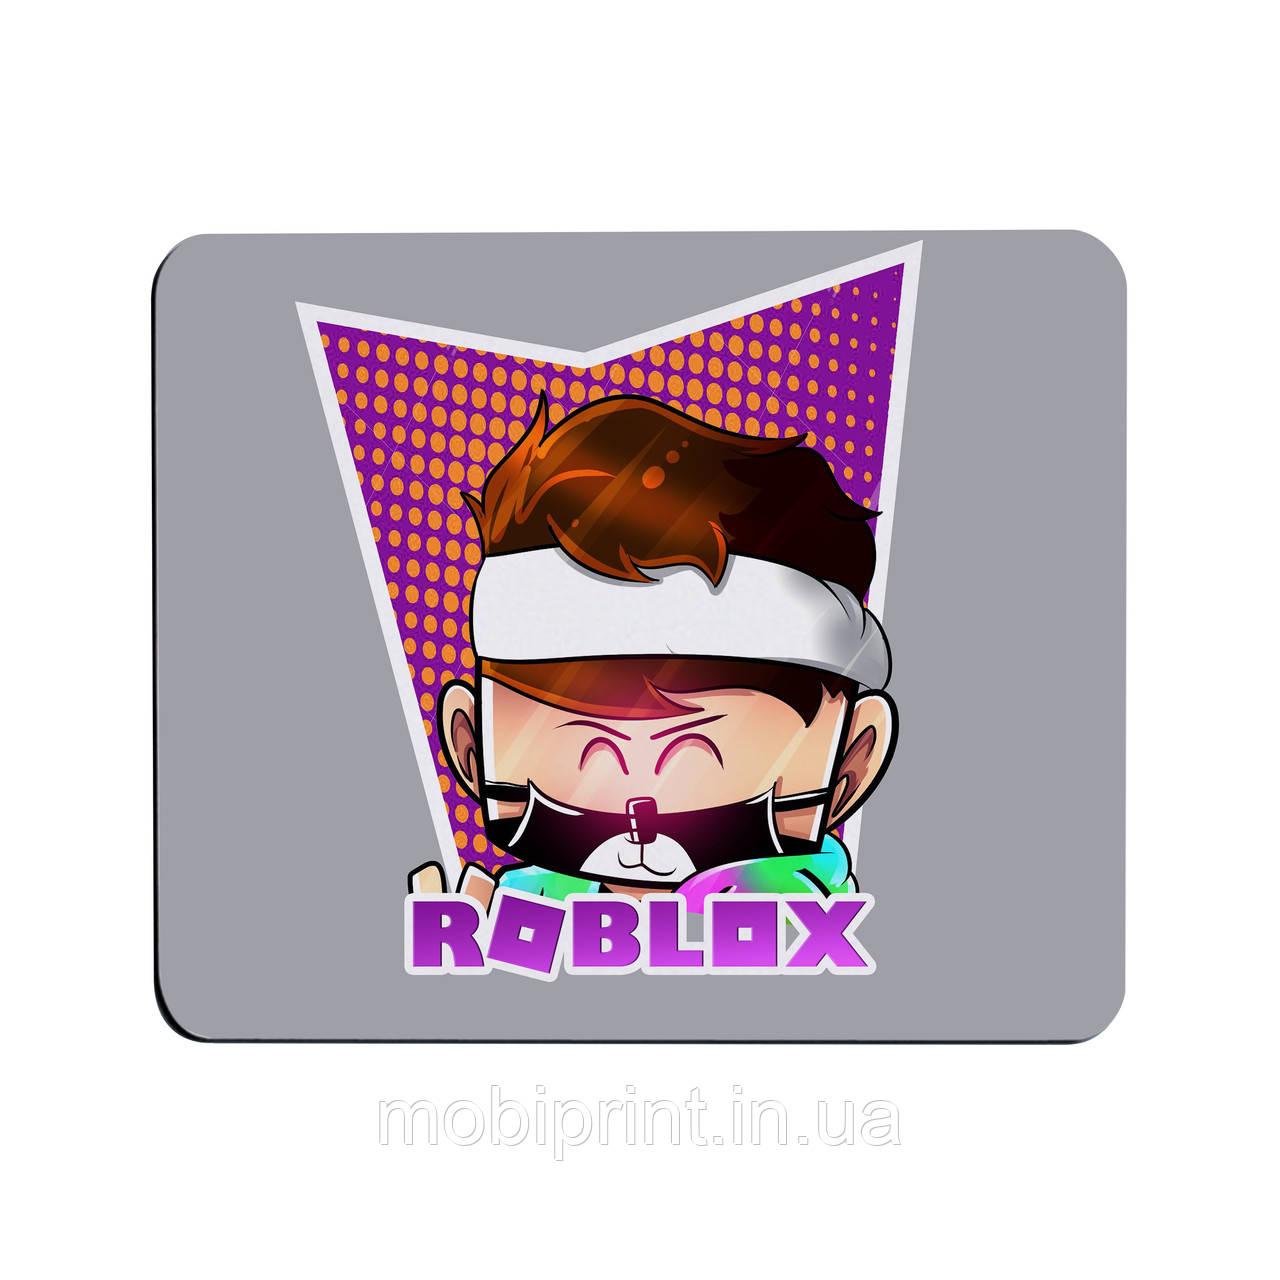 Коврик для мышки Роблокс (Roblox) (25108-1221)